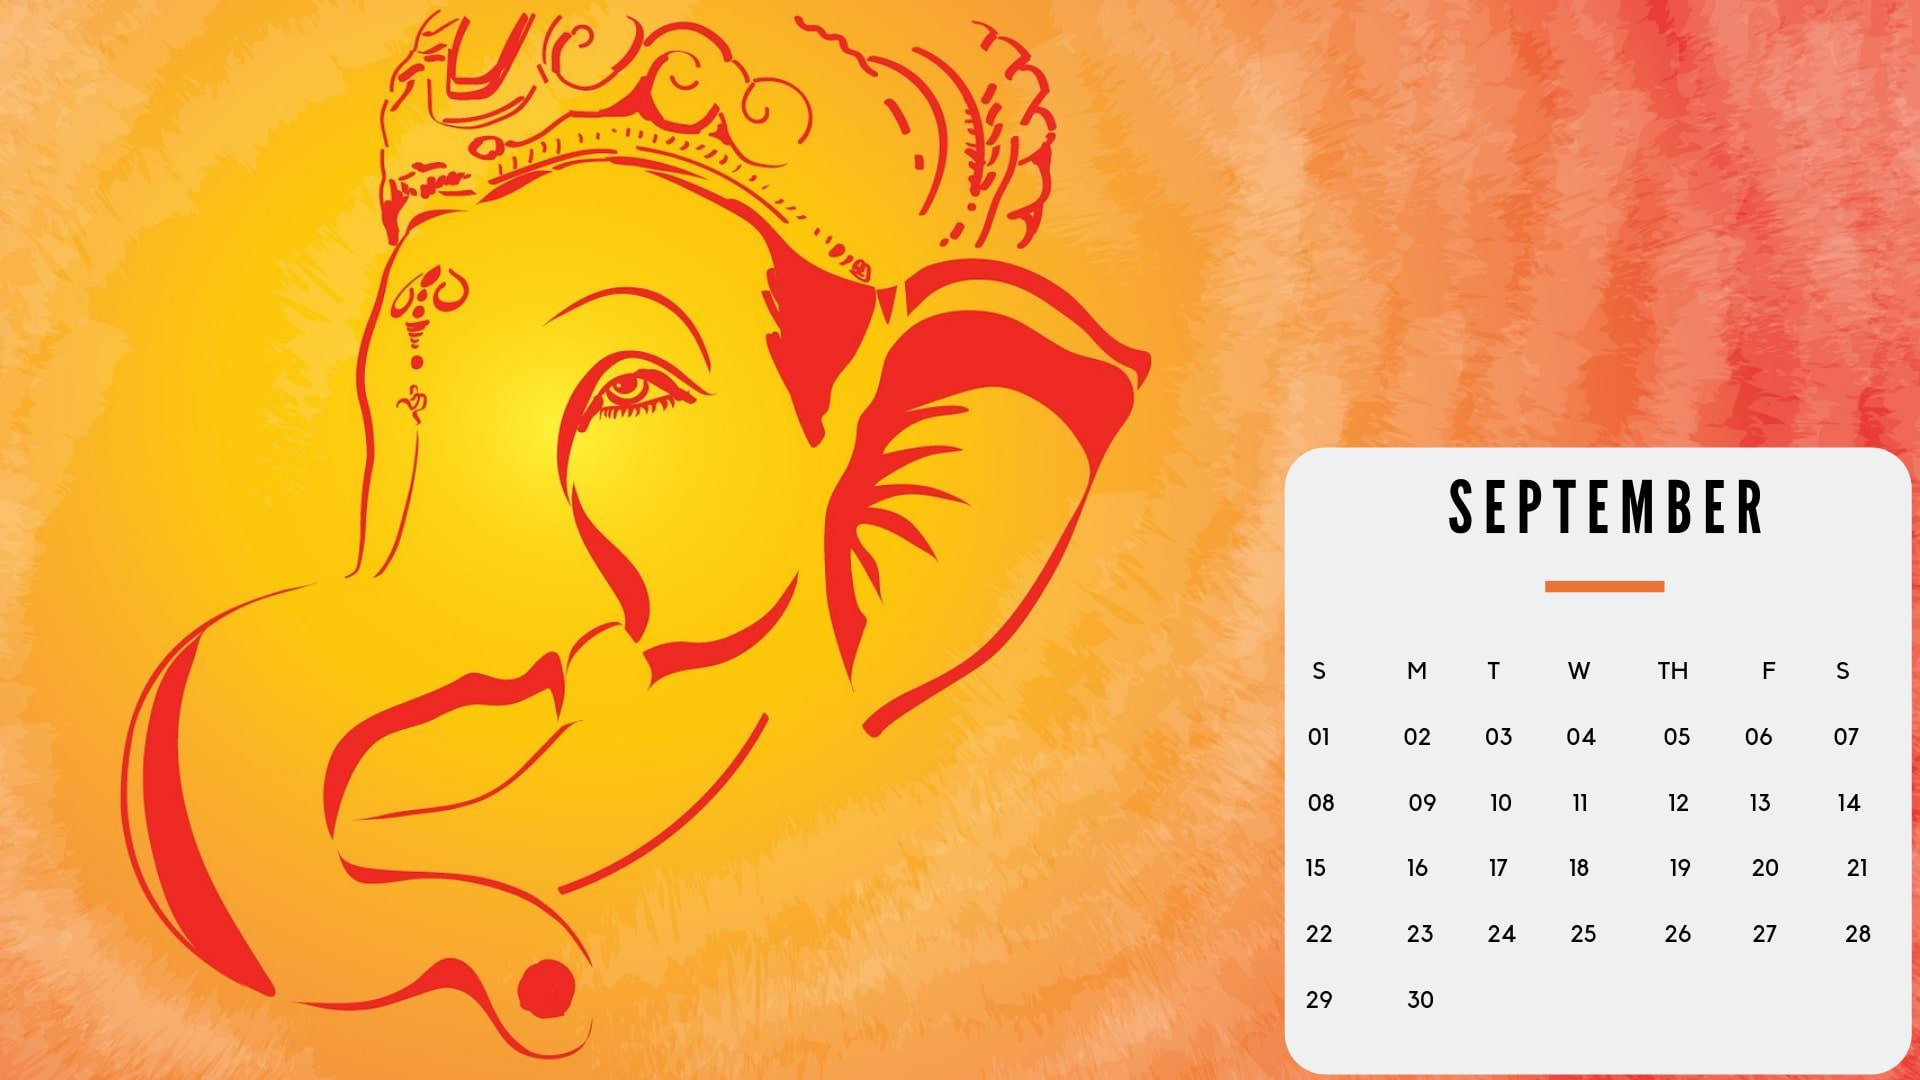 September 2019 Calendar Wallpaper   Album on Imgur 1920x1080